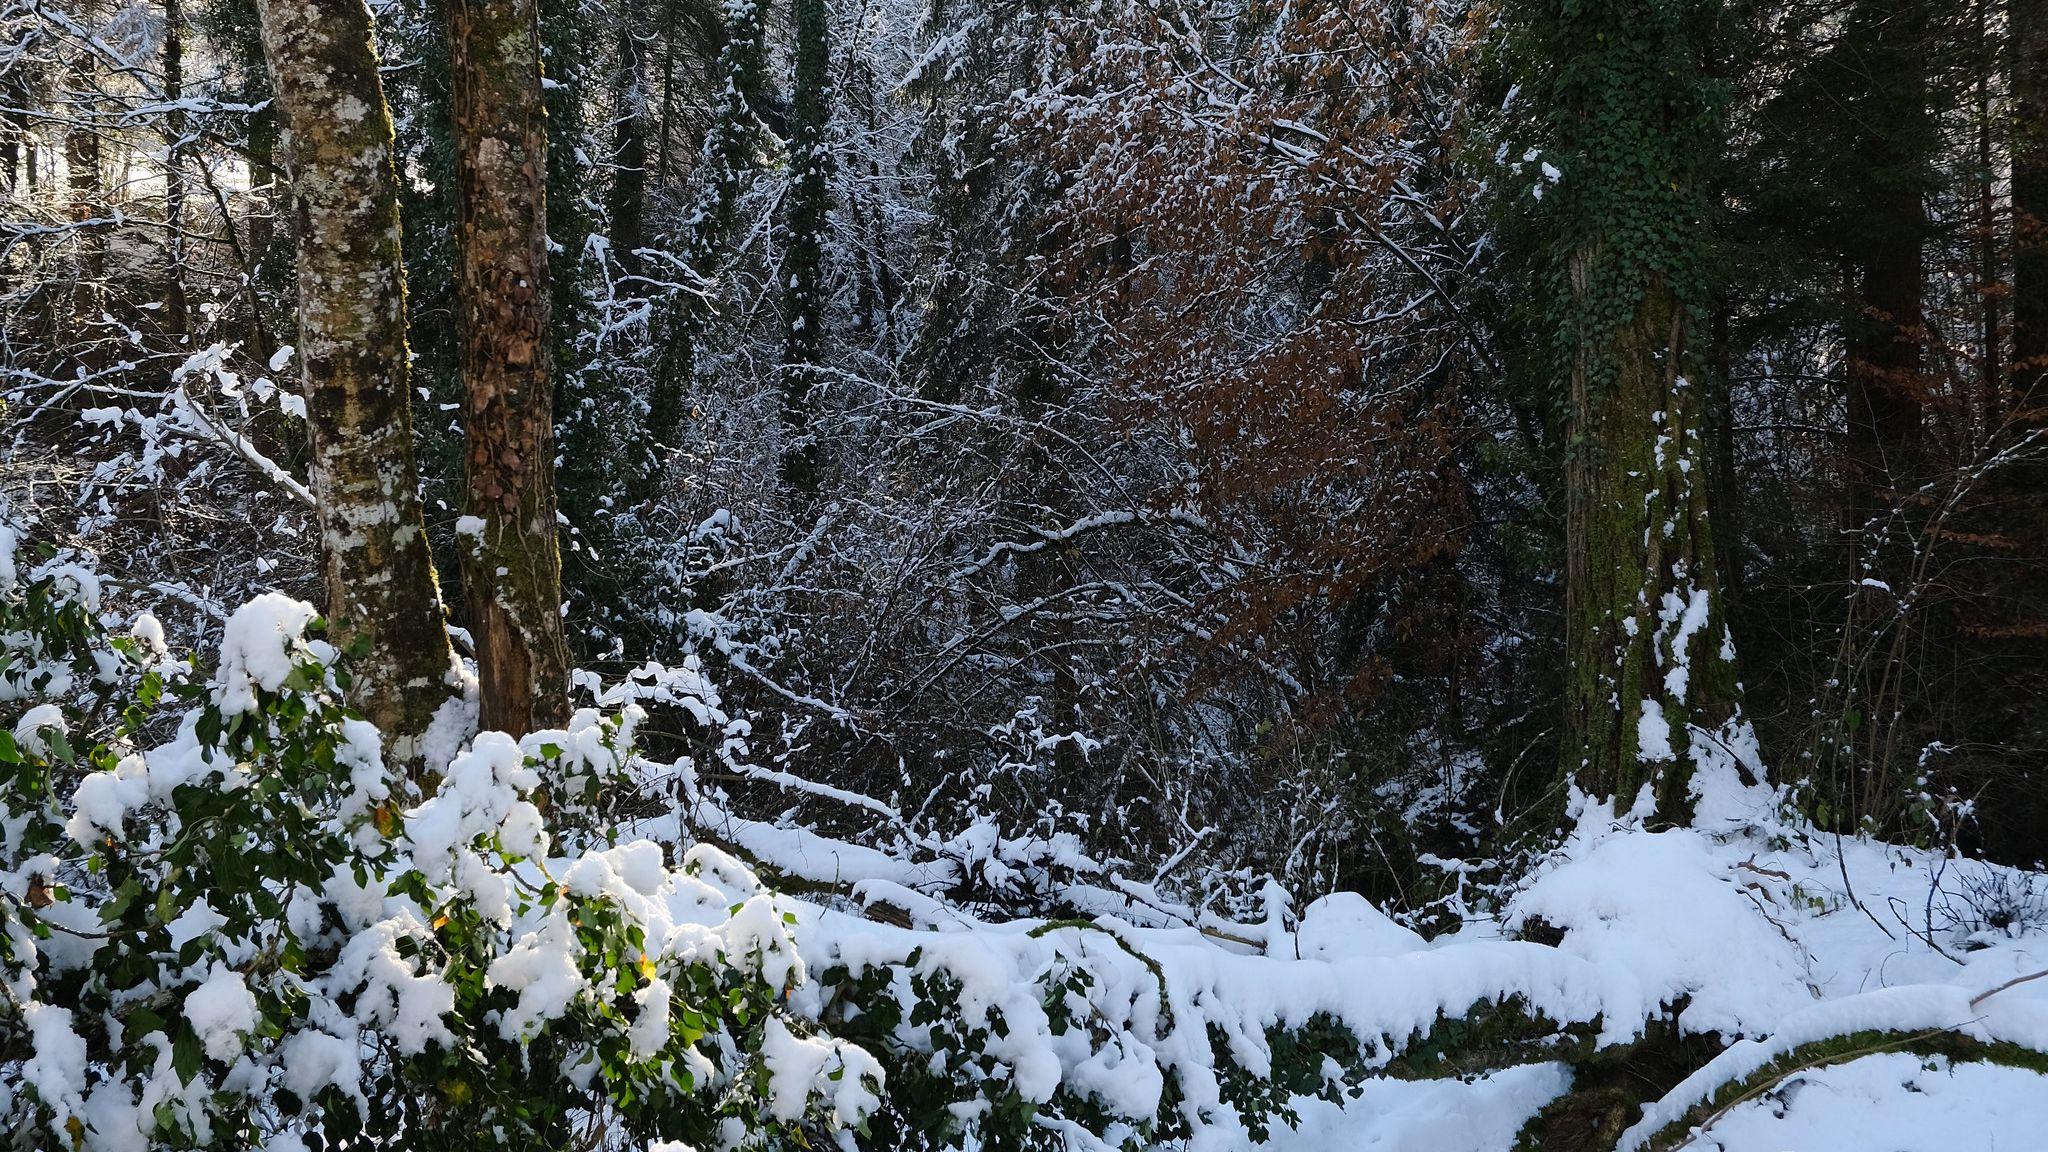 Fondos de pantalla Nieve en el bosque